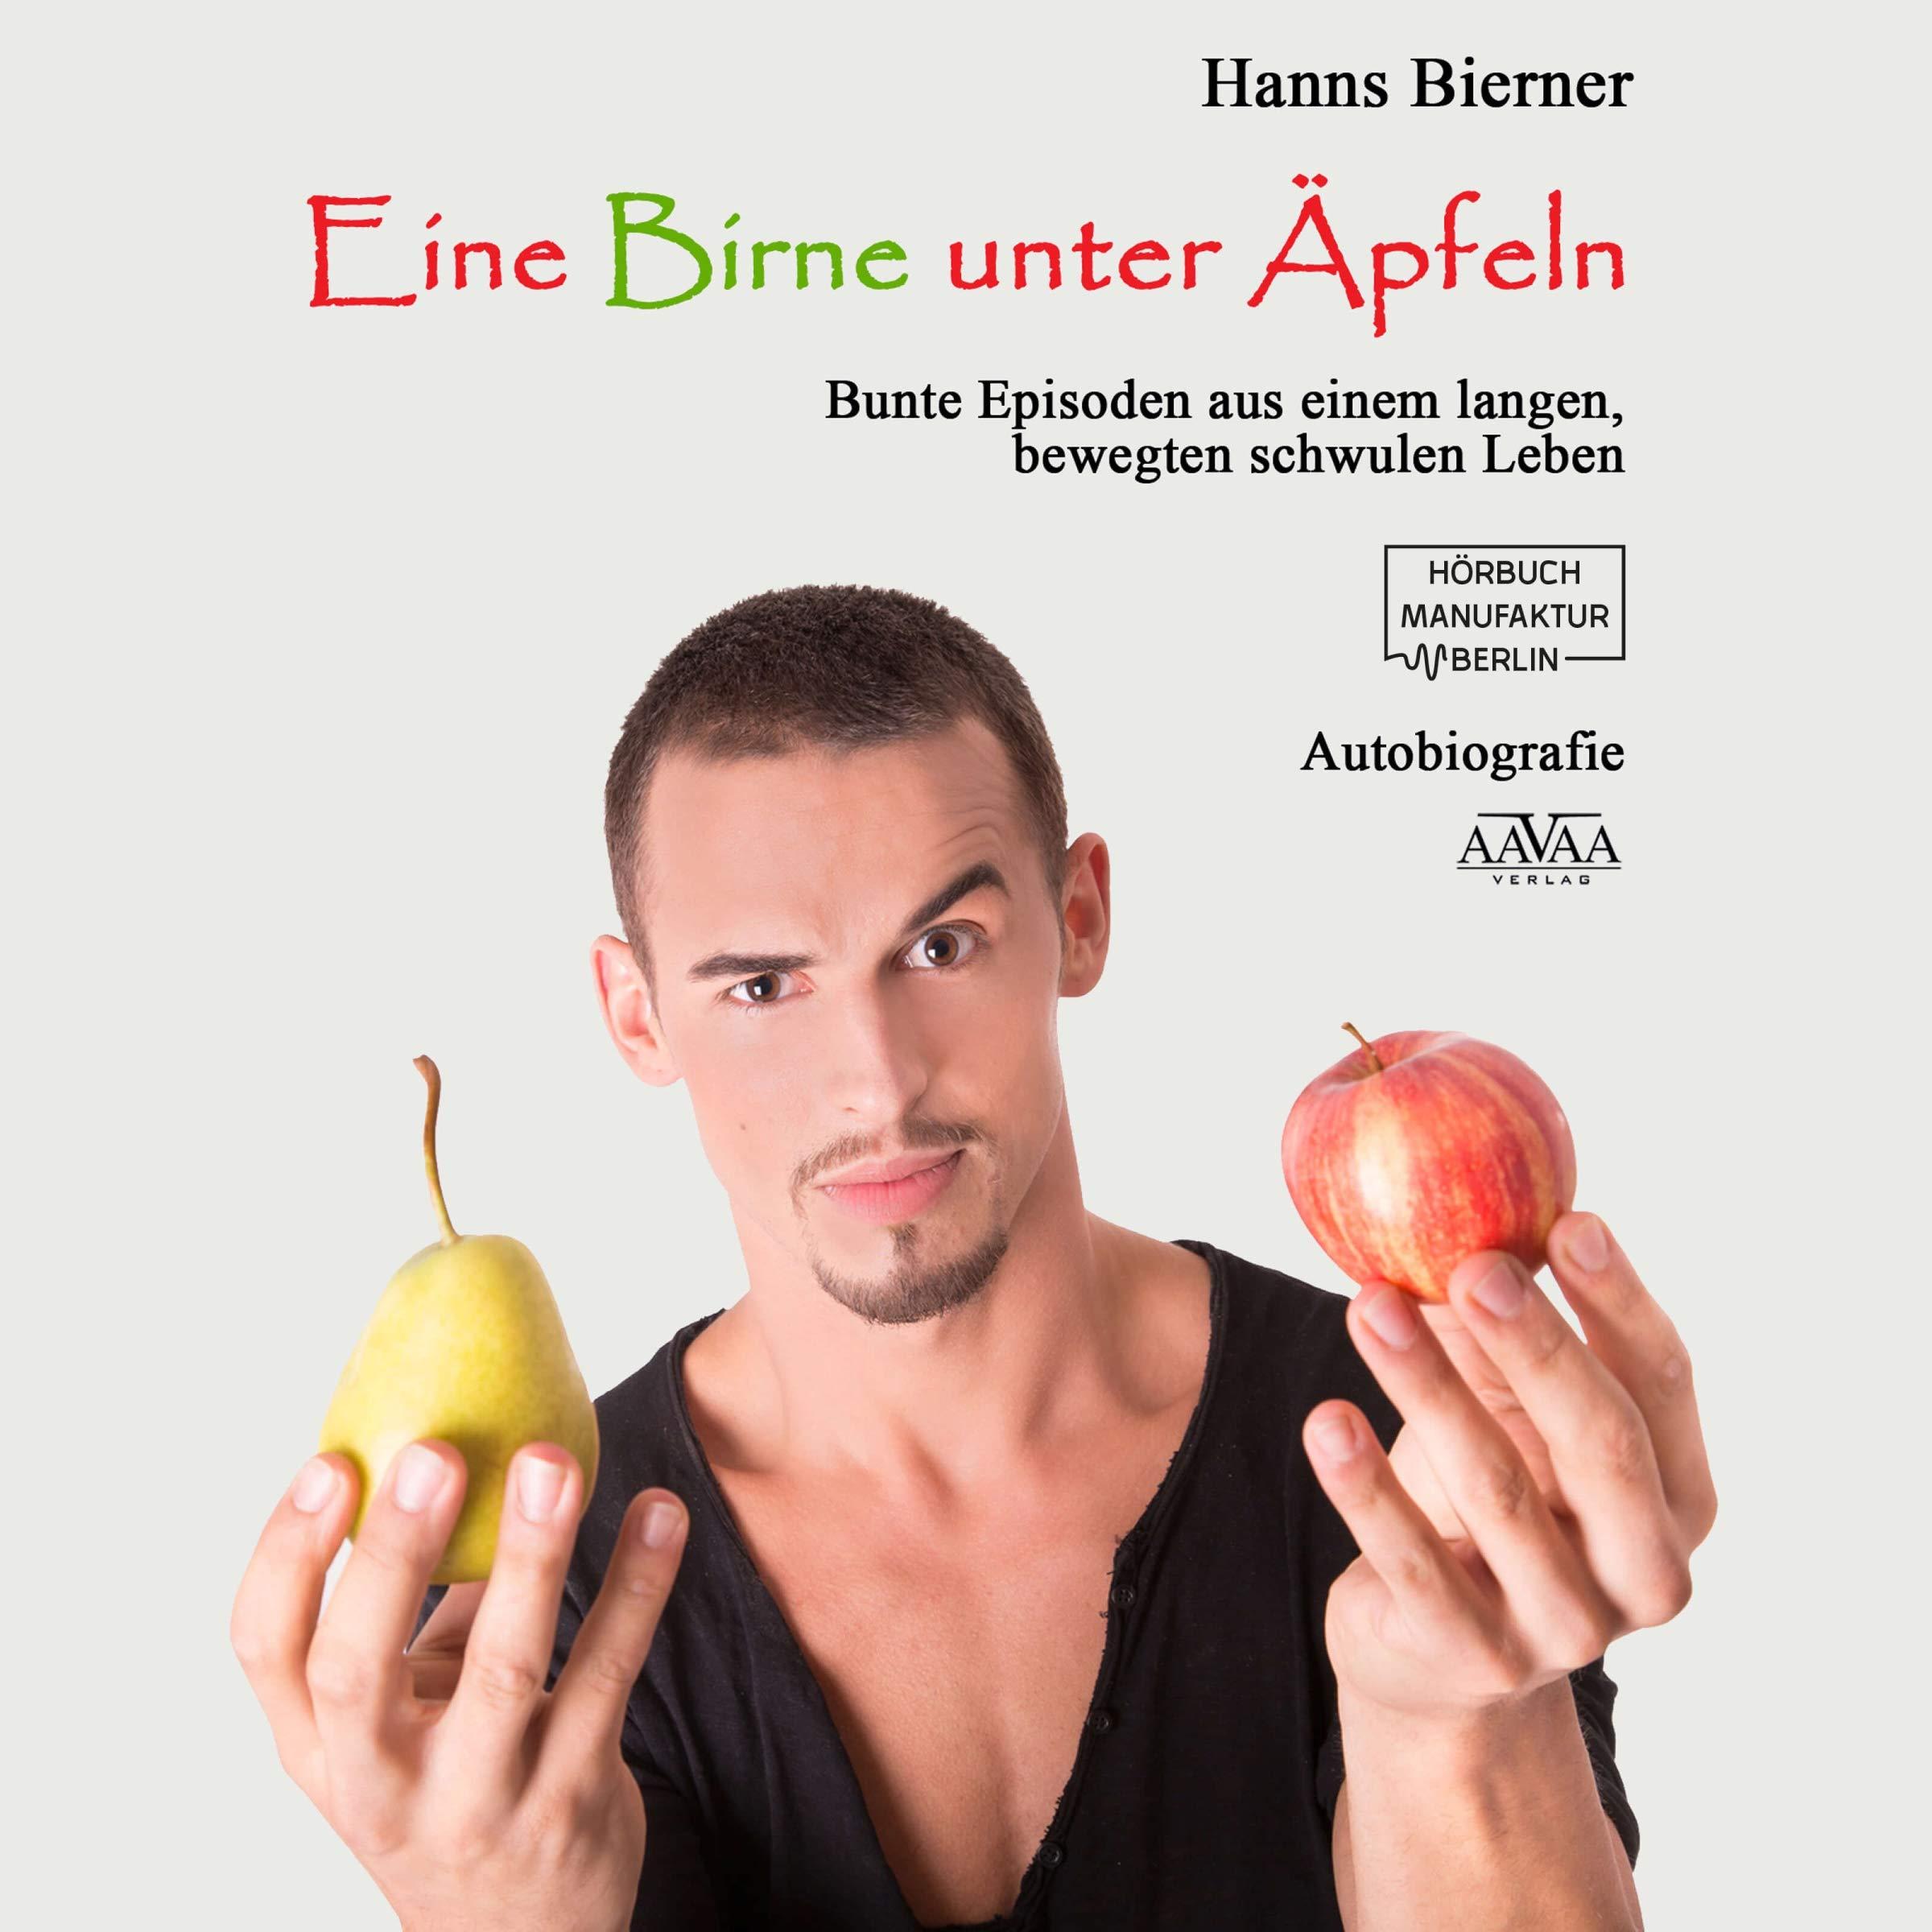 Eine Birne Unter Äpfeln  Bunte Episoden Aus Einem Langen Bewegten Schwulen Leben